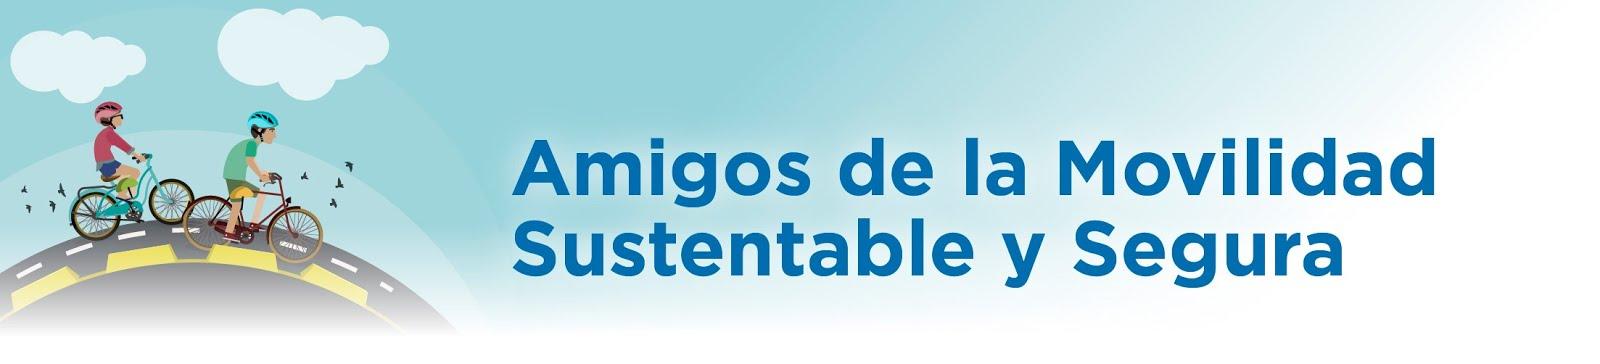 Amigos de la Movilidad Sustentable y Segura